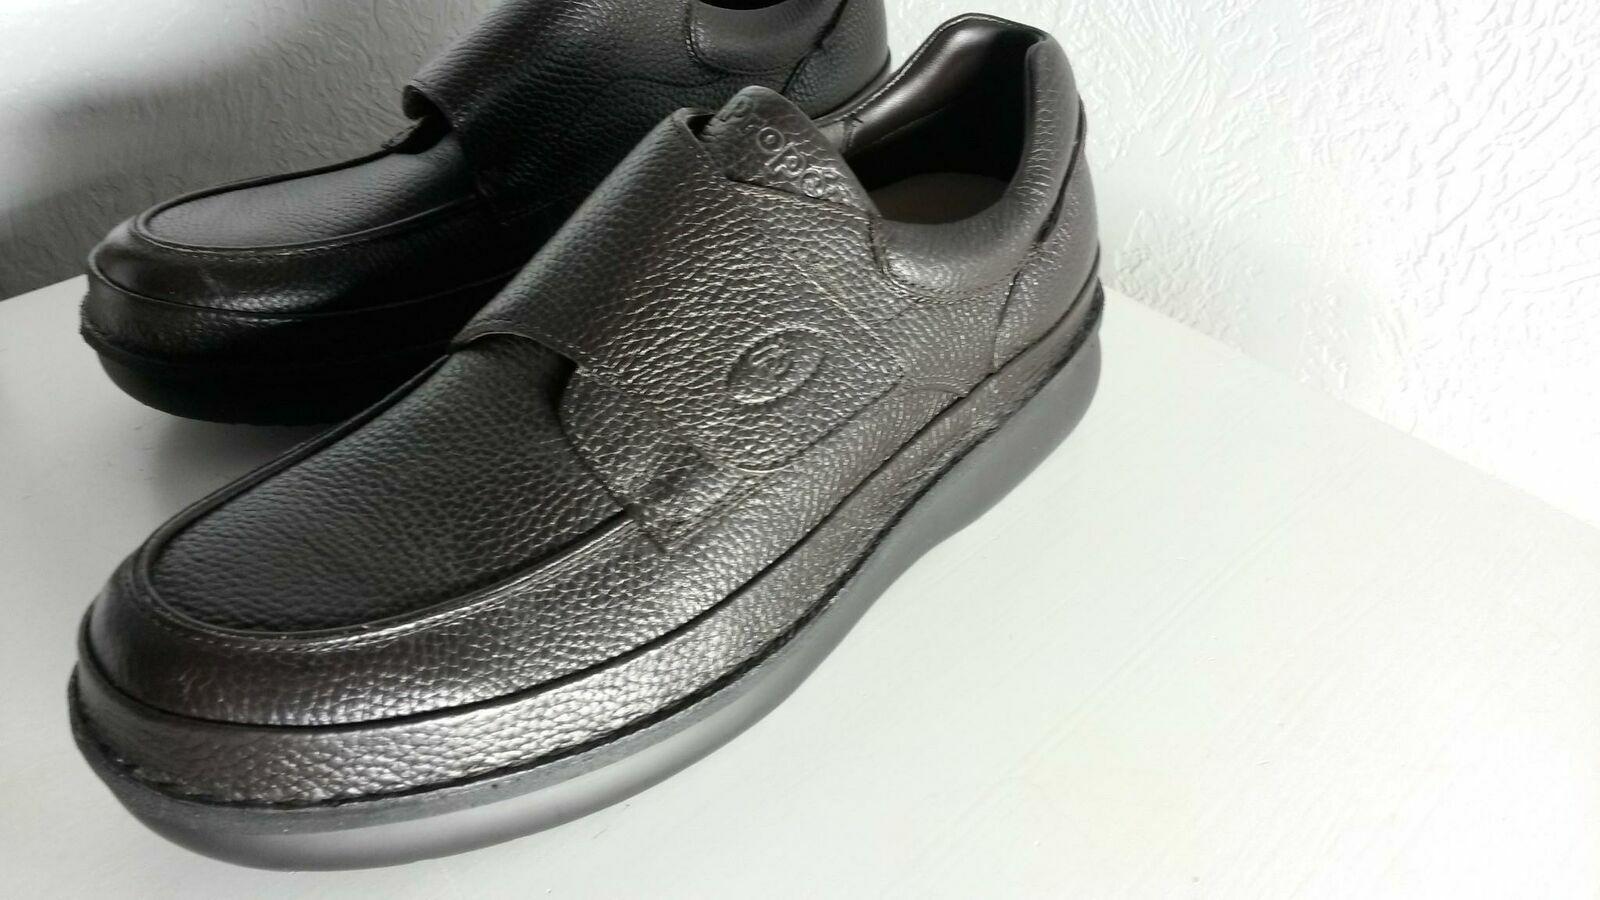 Propet Brown M5015 Scandia Strap Diabetic Men's  Leather shoes Sz US 13 M ()